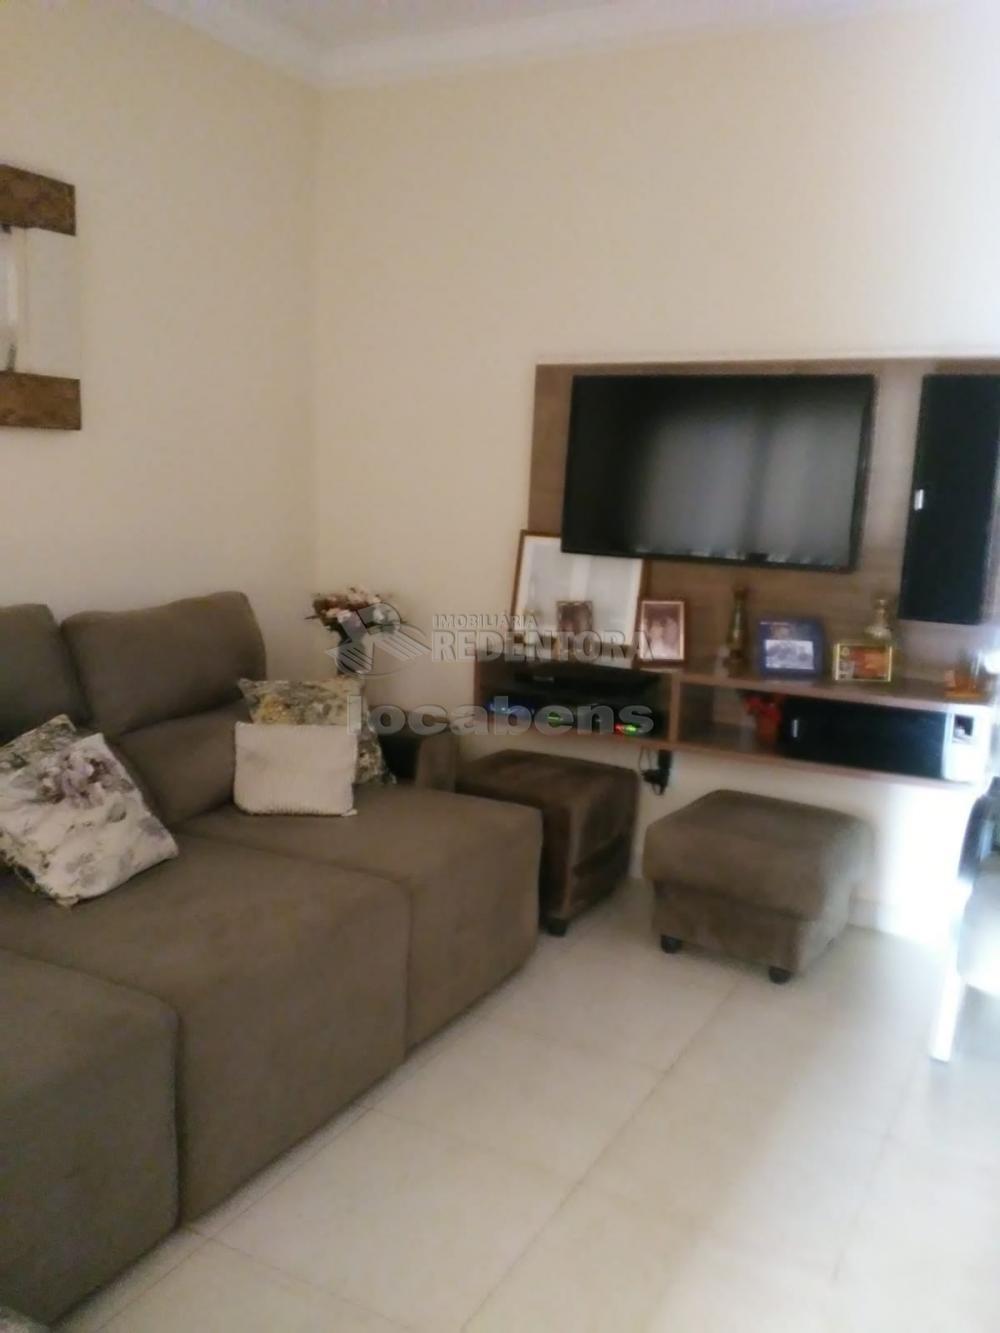 Comprar Casa / Padrão em São José do Rio Preto R$ 500.000,00 - Foto 1